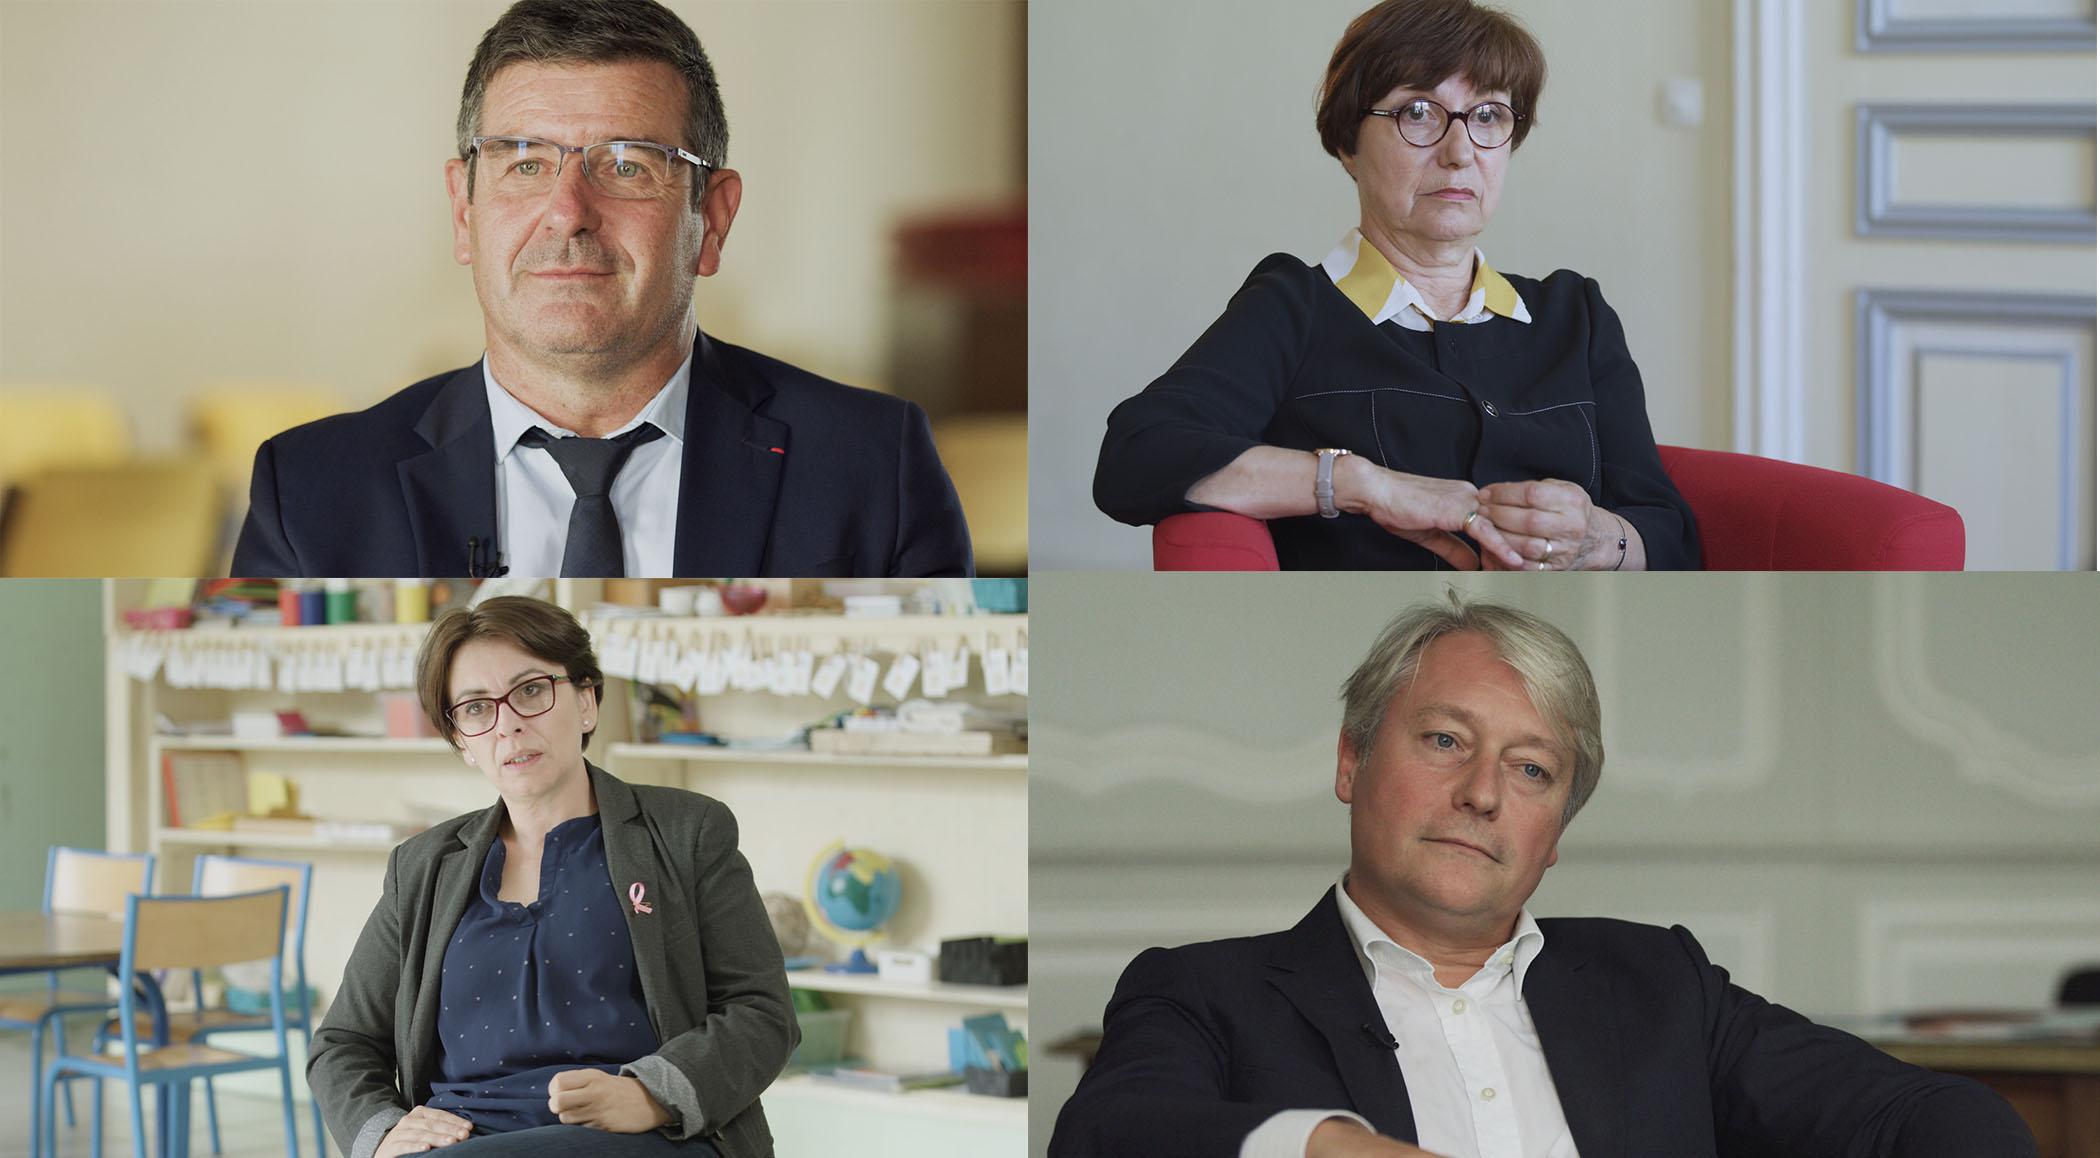 """Diffusion du documentaire inédit """"Les maires, sentinelles de la République"""" suivi d'un débat, le 21 novembre sur Public Sénat"""